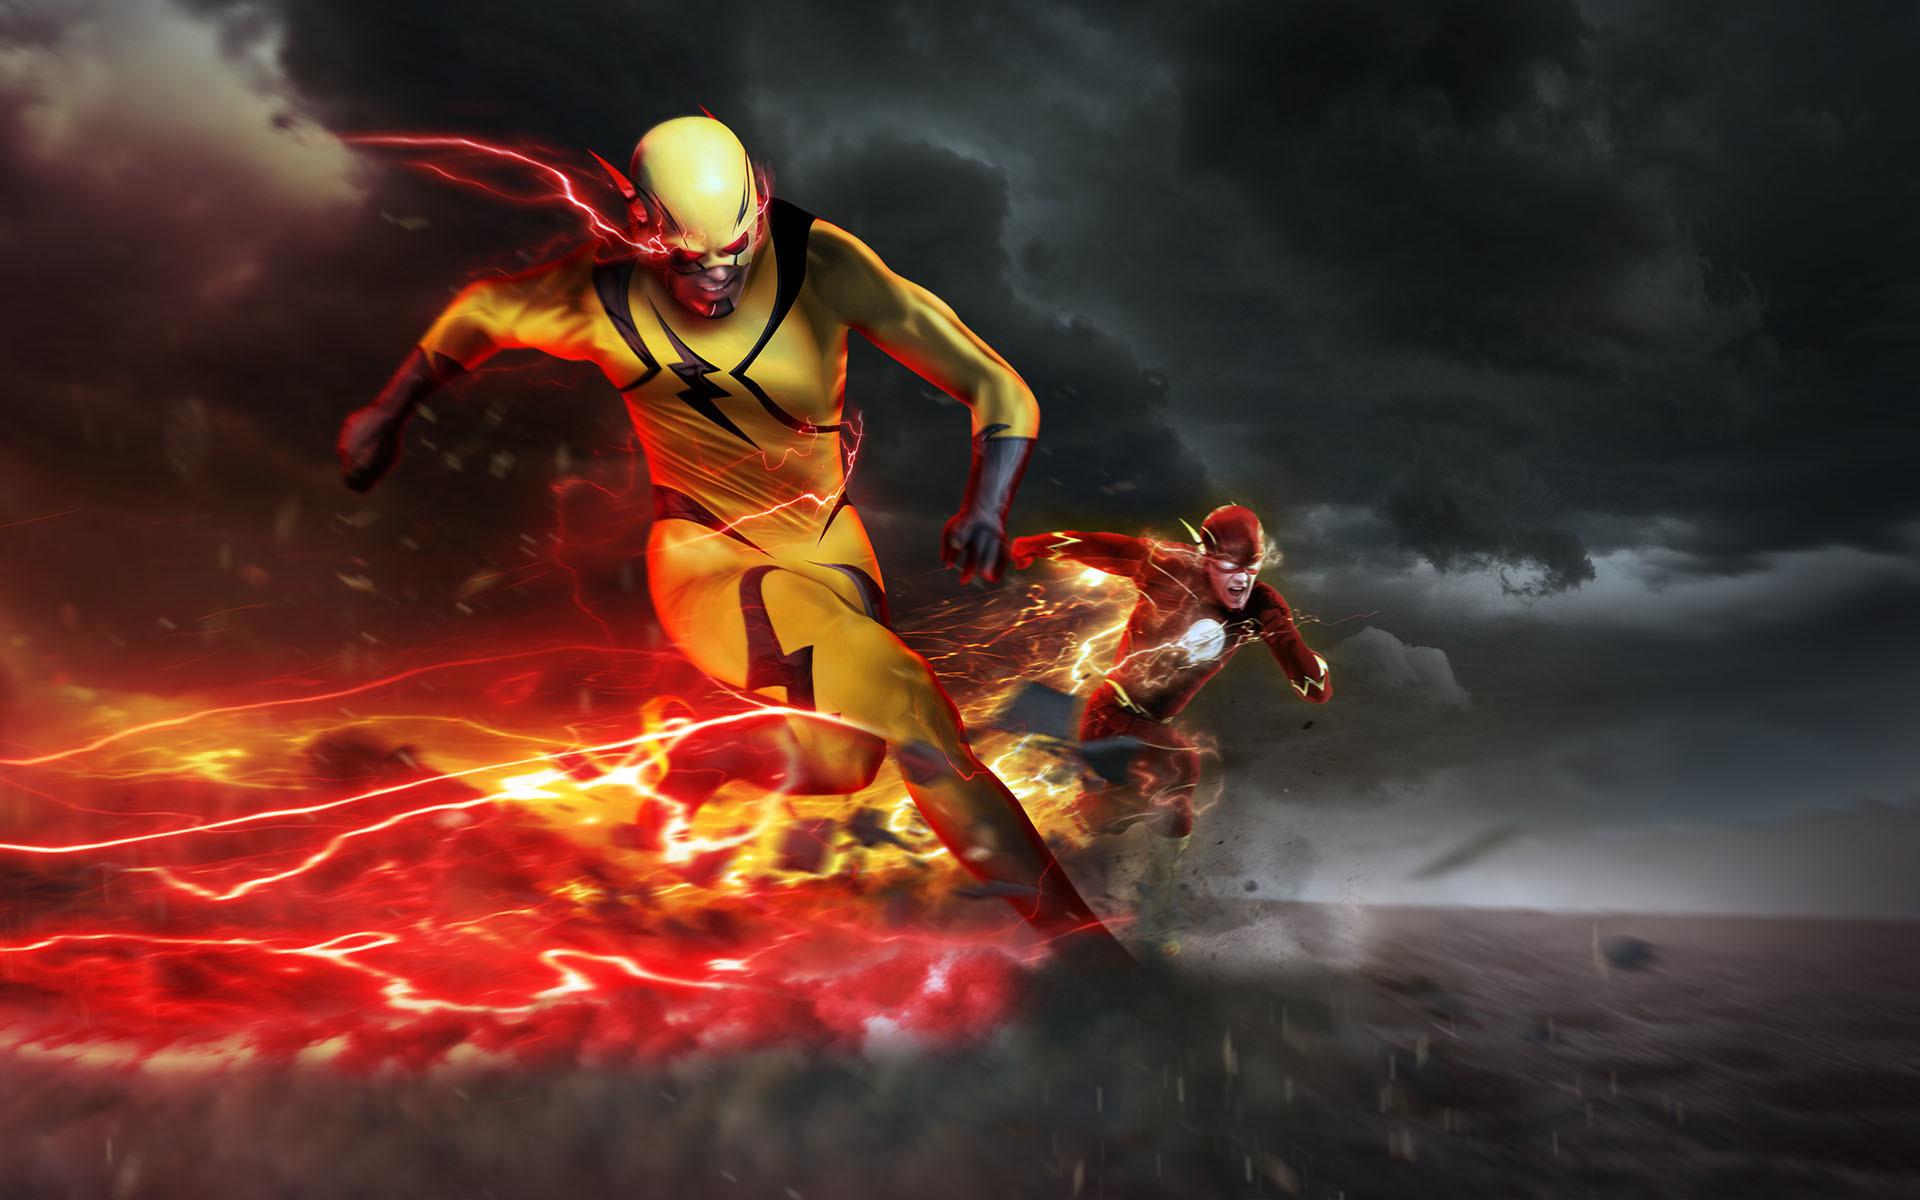 The Flash CW HD desktop wallpaper Widescreen High Definition